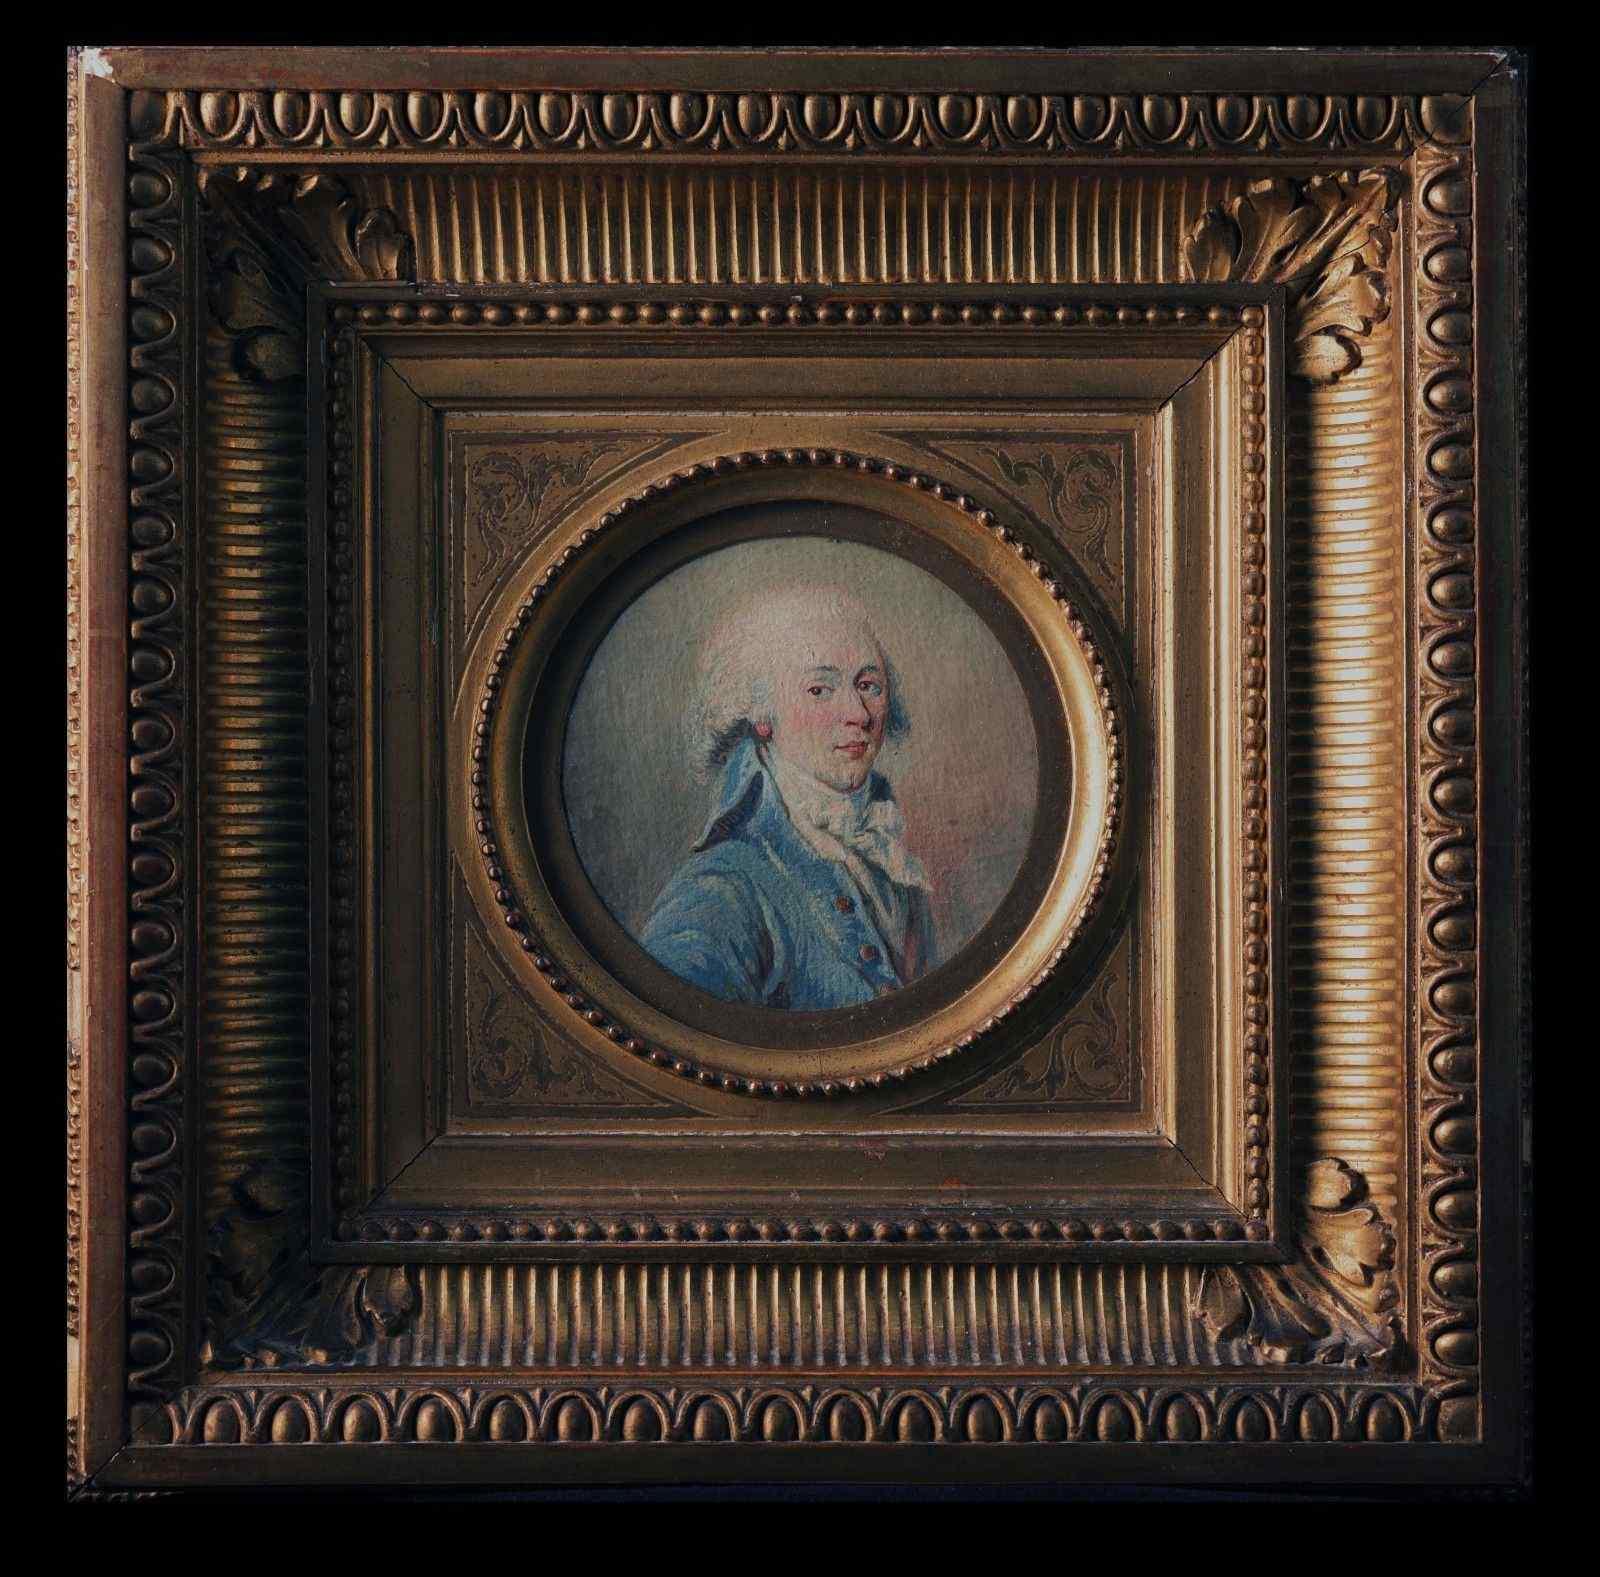 Клод Жан Батист  Уан, Портрет джентльмена, 1780-90